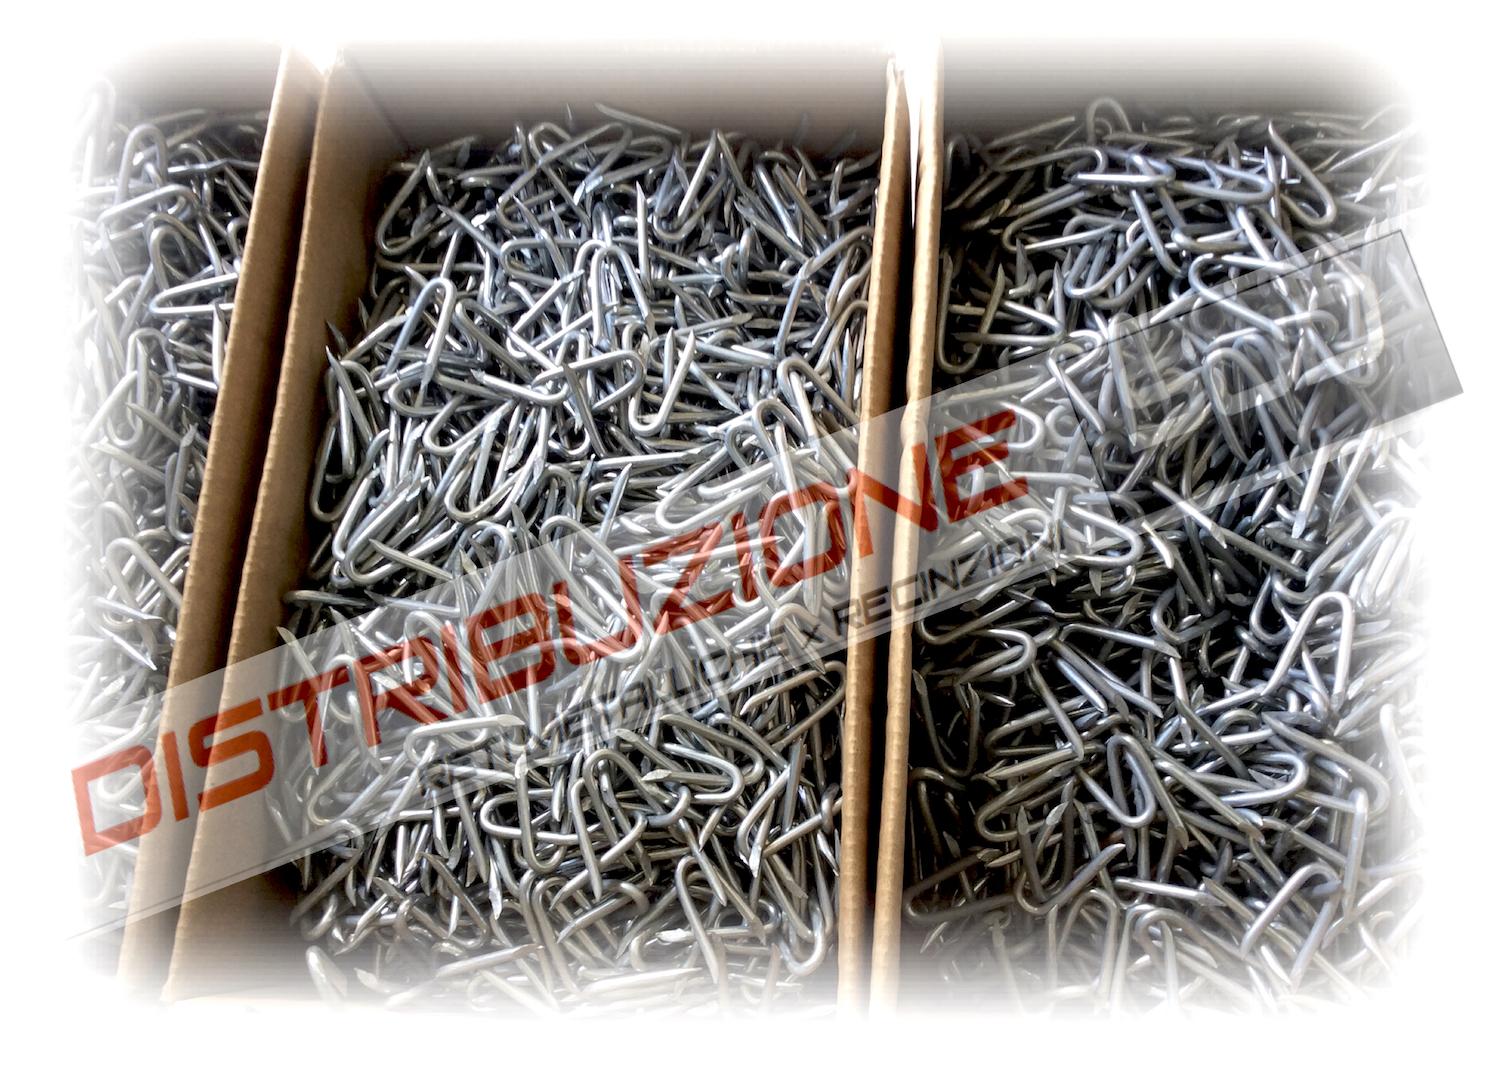 confezioni di chiodi per fissaggio rete e filo a palo di castagno